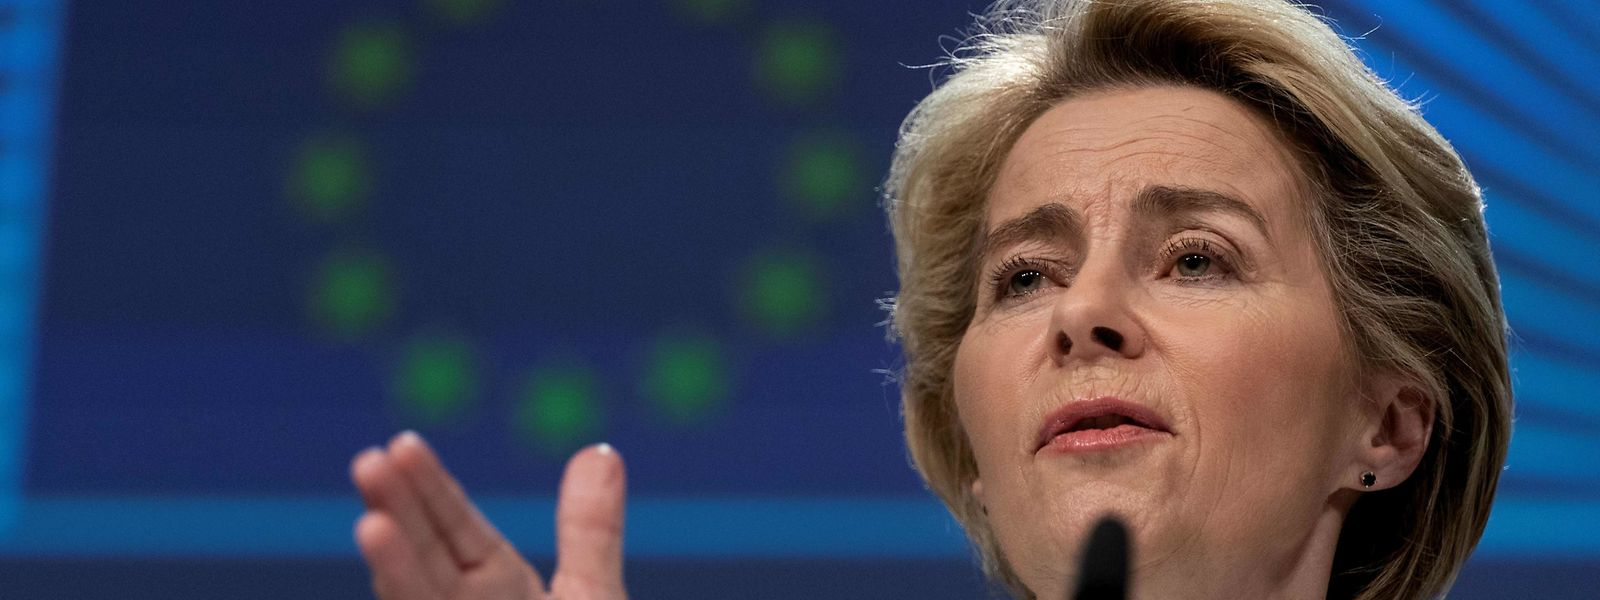 La nouvelle présidente de la Commission a fixé un objectif ambitieux pour la protection du climat